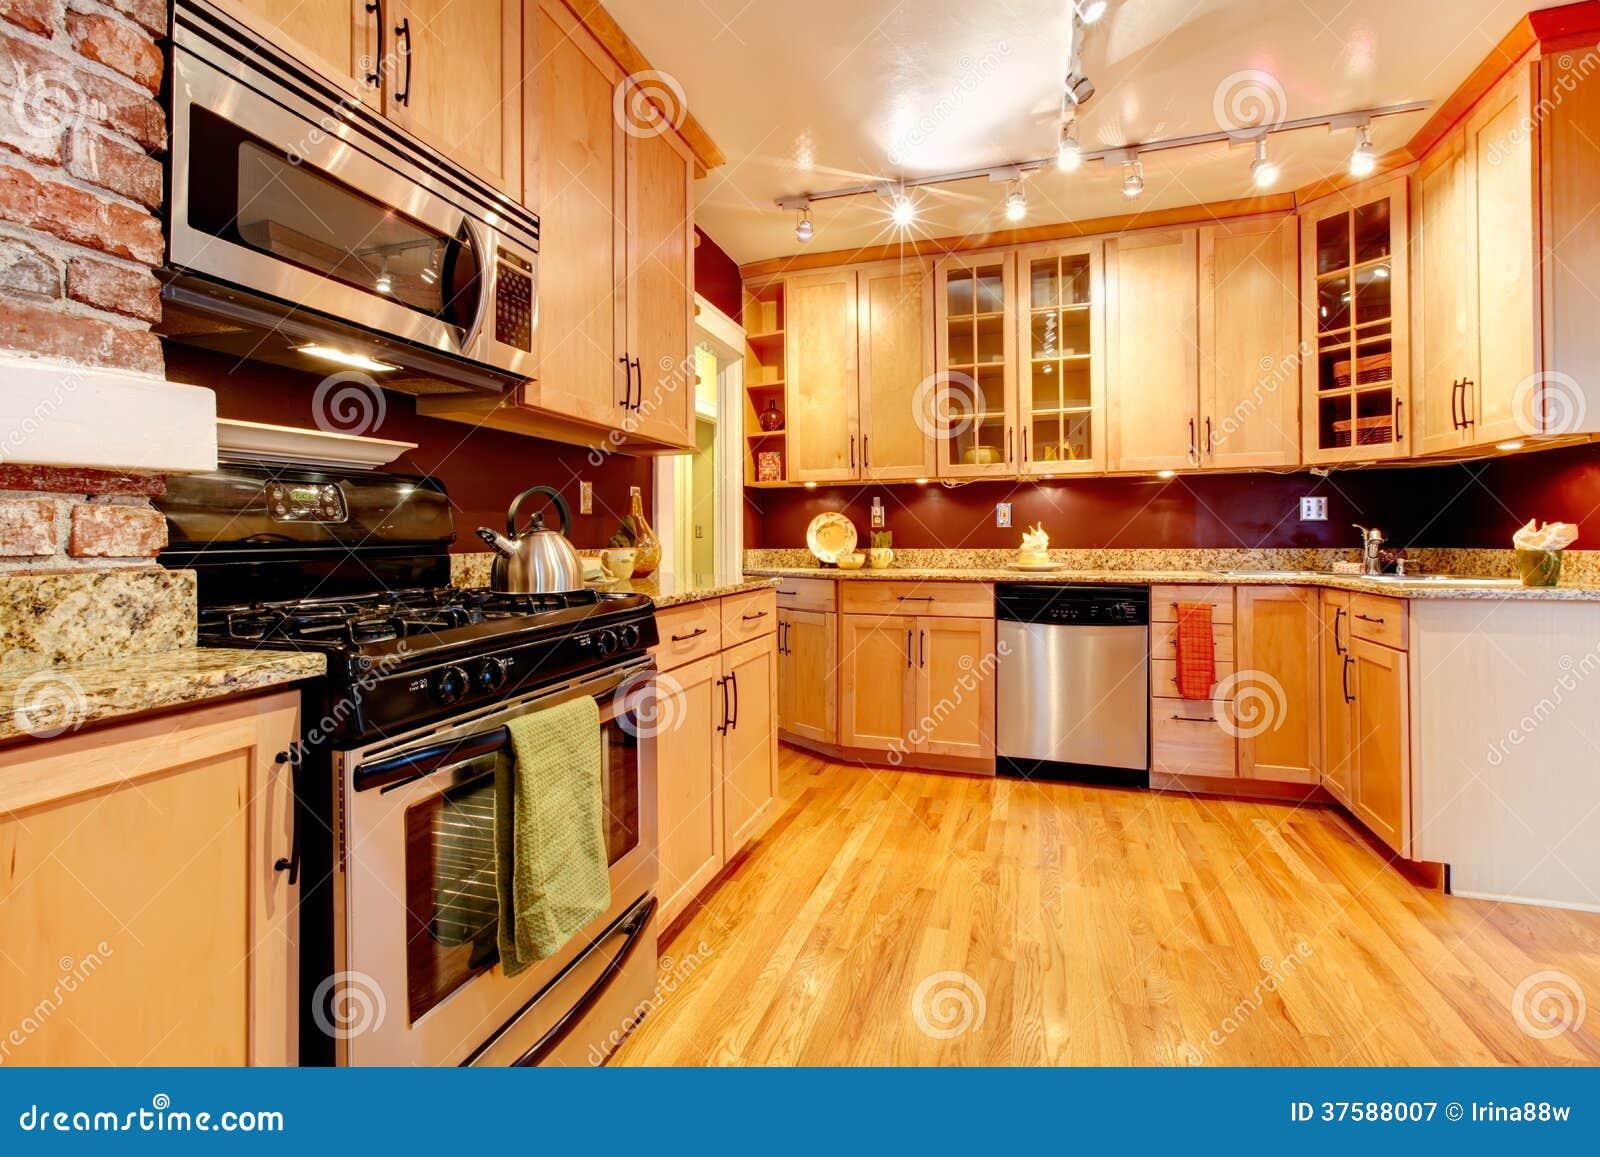 Cucina Impressionante Con Il Backsplash Di Borgogna Il Muro Di  #BF7A0C 1300 957 Ikea Tavolo Colazione A Letto